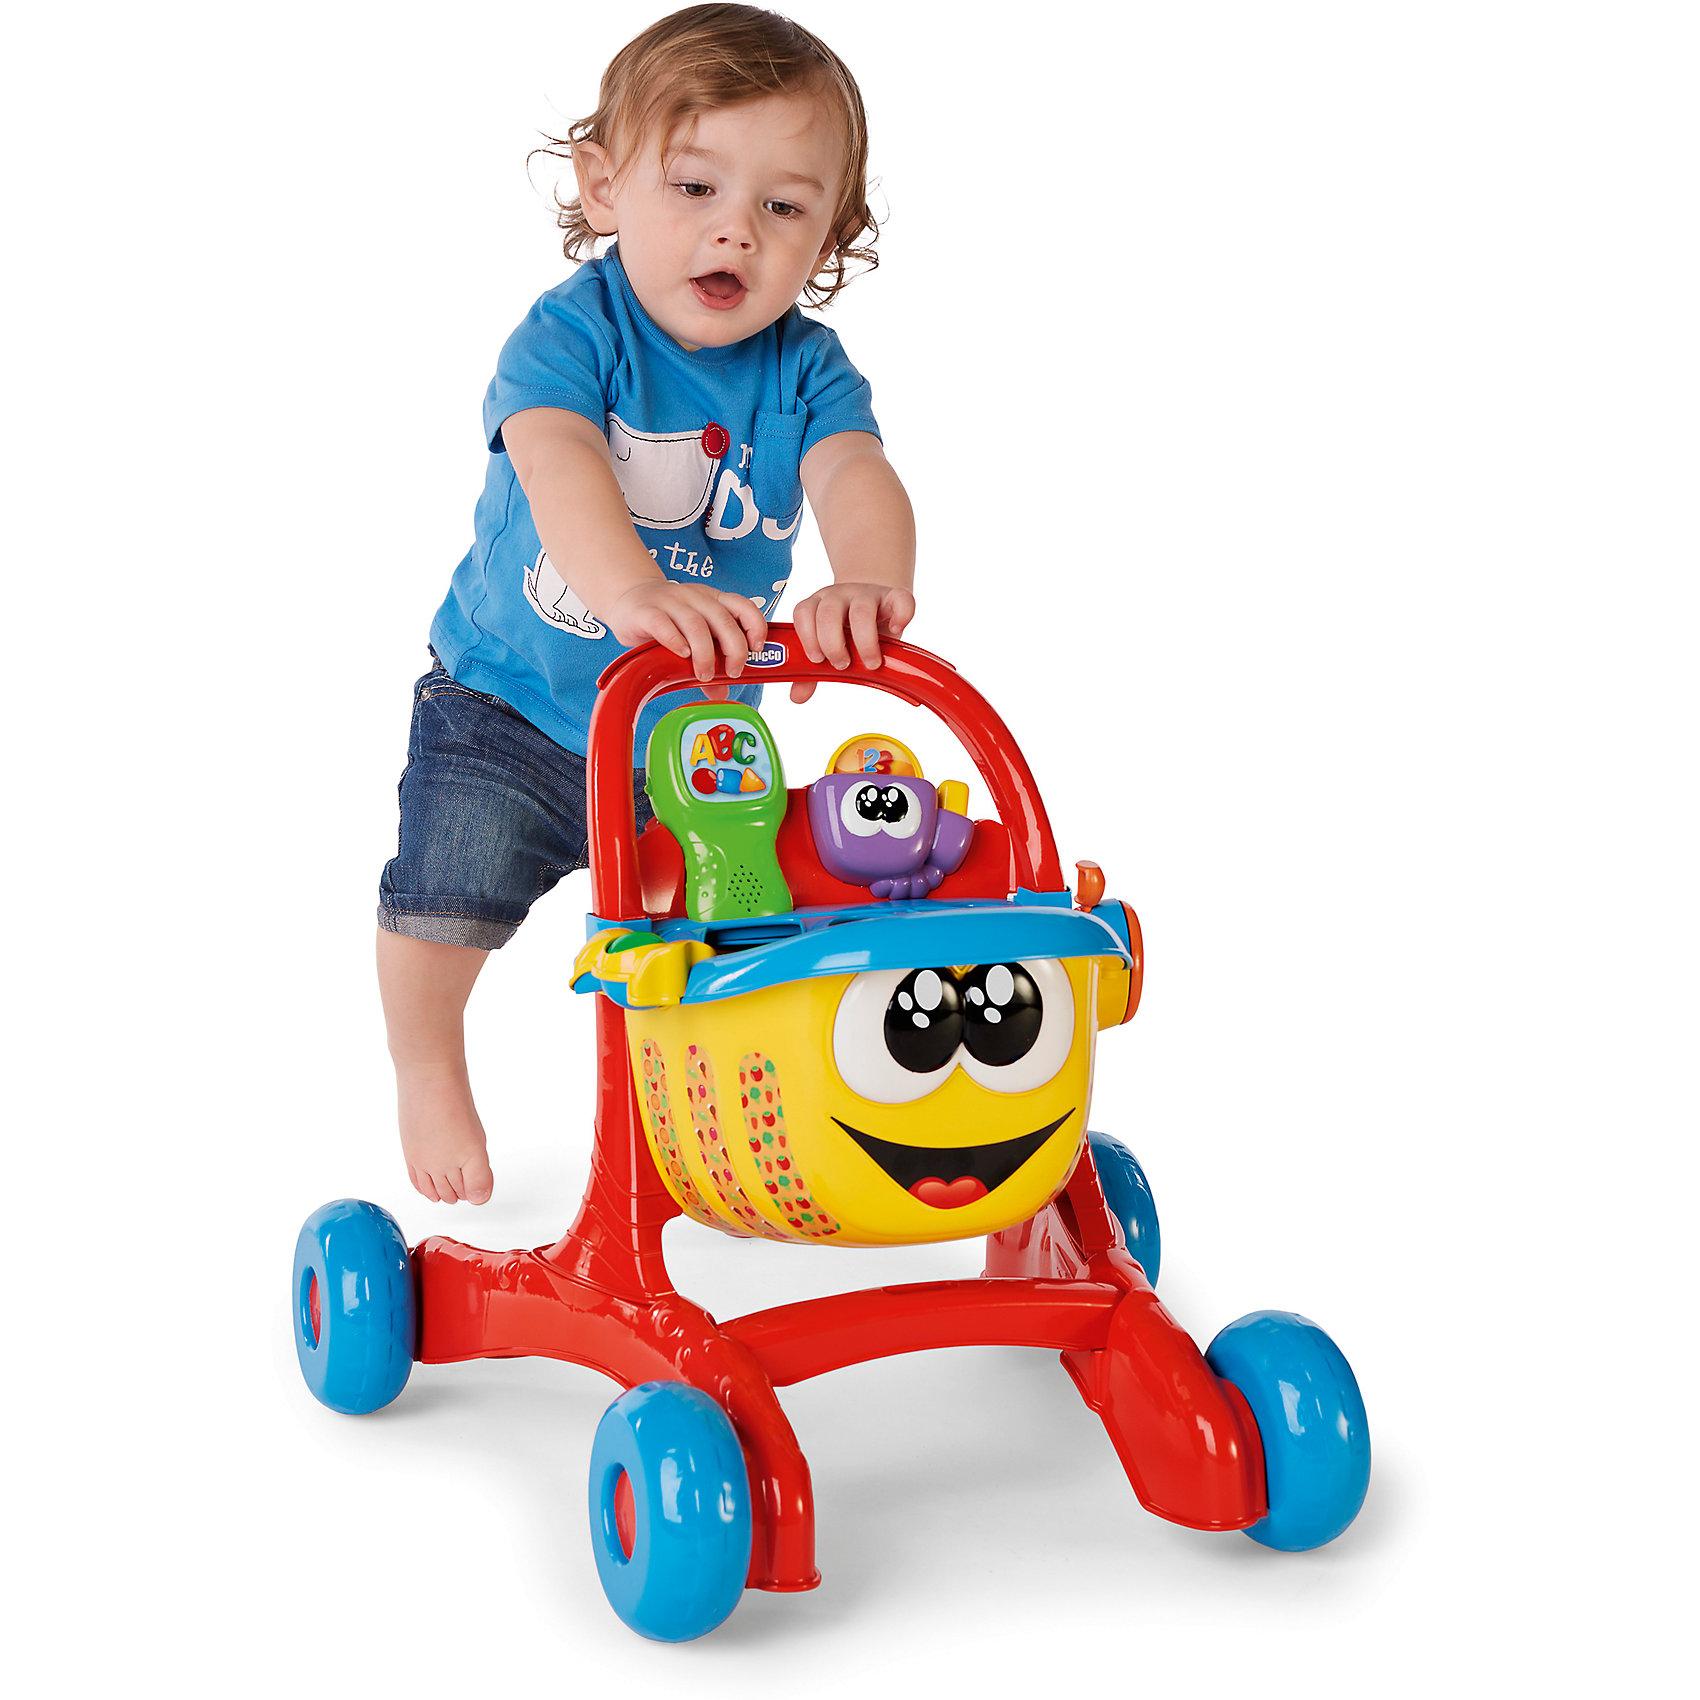 Игровой центр Тележка для покупок (рус/англ), ChiccoИнтерактивные игрушки для малышей<br>Игровой центр Тележка для покупок (рус/англ), Chicco<br><br>Характеристики:<br><br>- в набор входит: Тележка для покупок, элементы питания<br>- состав: пластик<br>- функции: звуковые эффекты<br>- вес тележки: 2,5 кг.<br>- элементы питания: на батарейках (3 шт. ААA)<br>- для детей в возрасте: от 1 до 3 лет <br>- Страна производитель: Китай<br><br>Новая Тележка для покупок из серии Двуязычная обучающая игрушка от известного итальянского бренда товаров для детей Chicco (Чико) придет по вкусу малышам. Тележка поможет малышу ходить, поддерживая его и давая ему надежную опору. В корзине расположен сортер для продуктов в виде треугольника, квадрата и круга. Специальный сканер с кнопками может сканировать продукты корзины, распознавая их и сопровождая сигналами и объяснением форм, цветам, названиям продуктов на английском и русском языках. <br><br>С такой тележкой можно придумать множество веселых и интересных игр. Развивайтесь вместе с тележкой для покупок и новыми играми! Играя с этим центром малыш сможет развивать тактильное, звуковое и цветовое восприятие, сможет развивать память, логическое мышление научиться базовым фразам на двух языках.<br><br>Игровой центр Тележка для покупок (рус/англ), Chicco можно купить в нашем интернет-магазине.<br><br>Ширина мм: 555<br>Глубина мм: 400<br>Высота мм: 192<br>Вес г: 2250<br>Возраст от месяцев: 9<br>Возраст до месяцев: 36<br>Пол: Унисекс<br>Возраст: Детский<br>SKU: 5379347